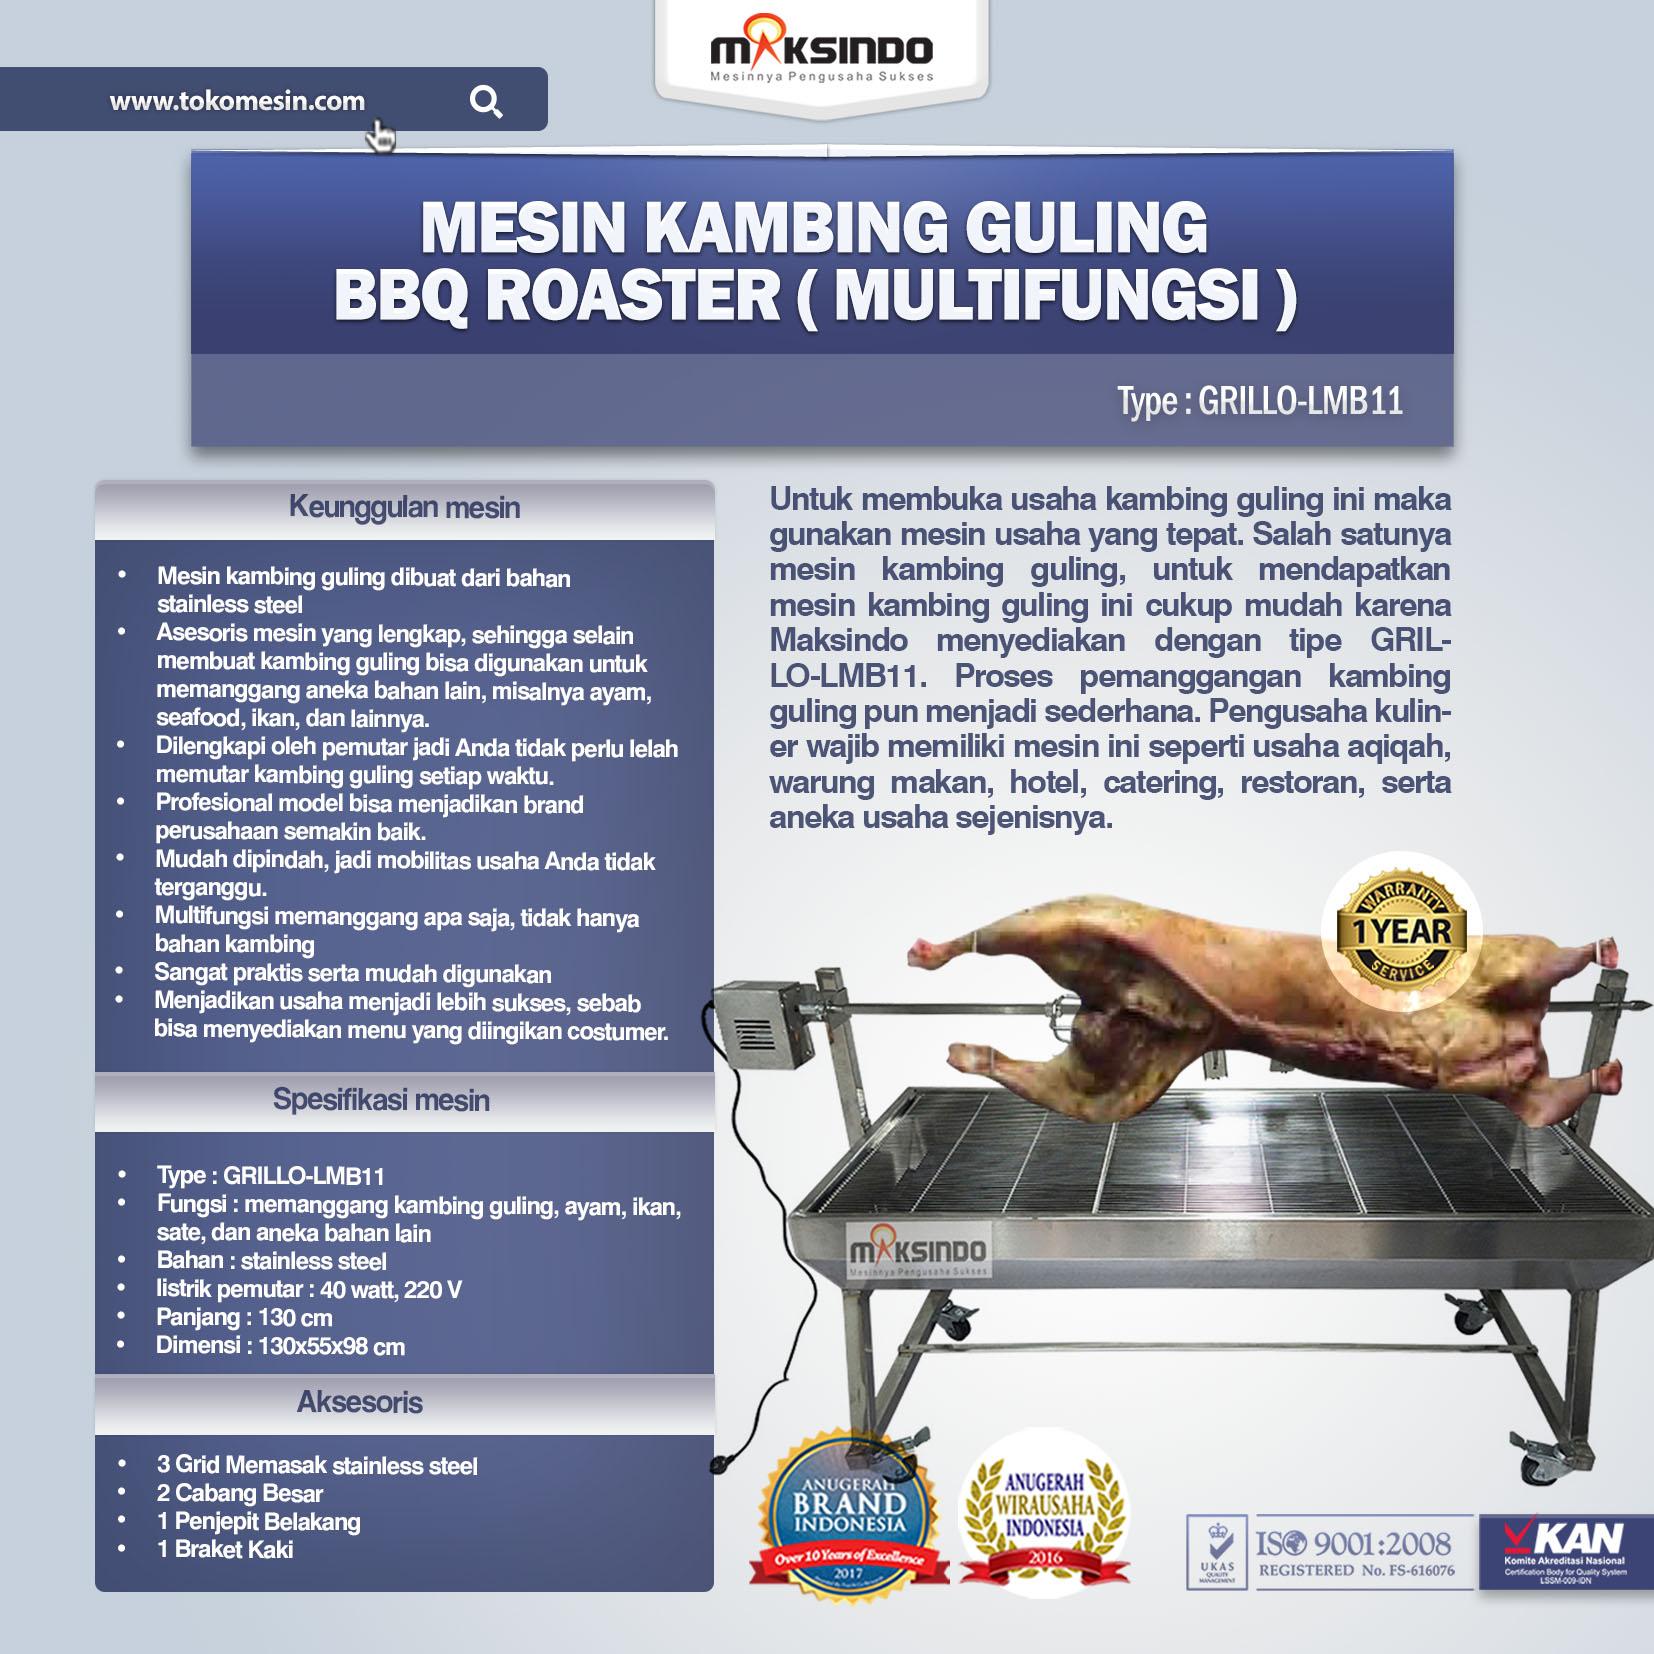 Jual Mesin Kambing Guling BBQ Roaster (GRILLO-LMB11) di Bogor